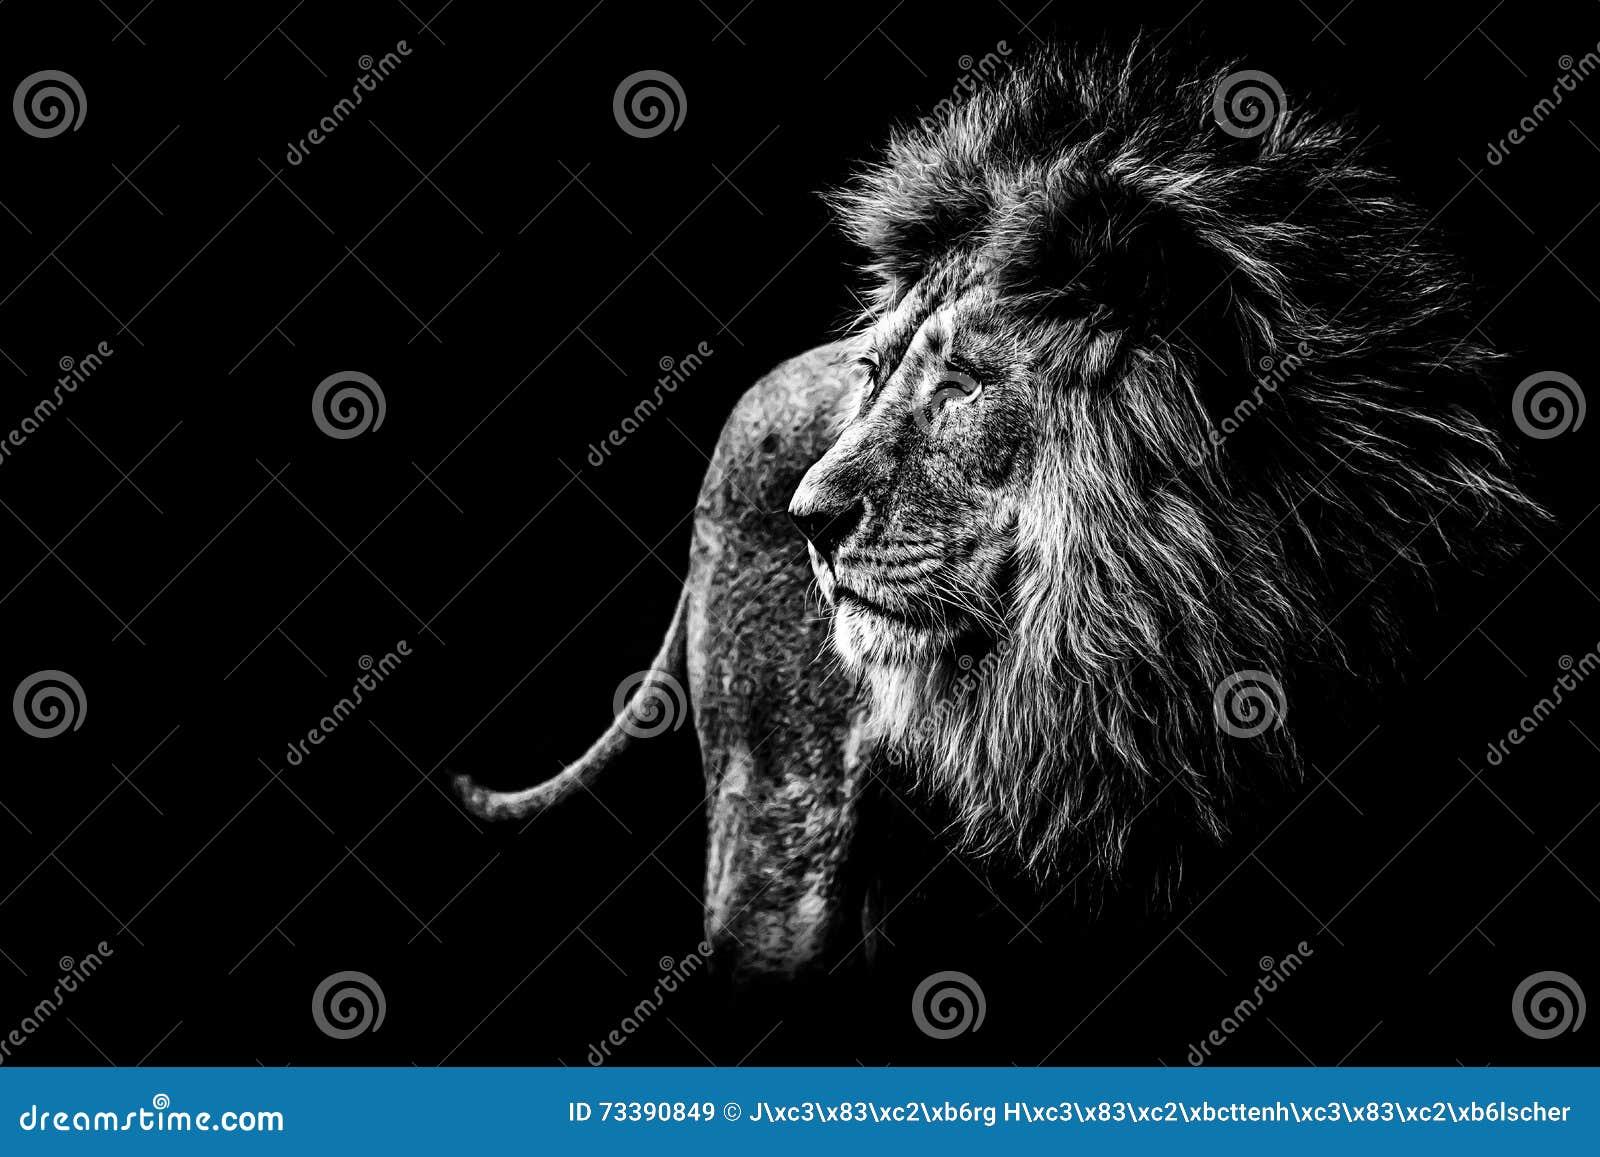 Leeuw in Zwart-wit